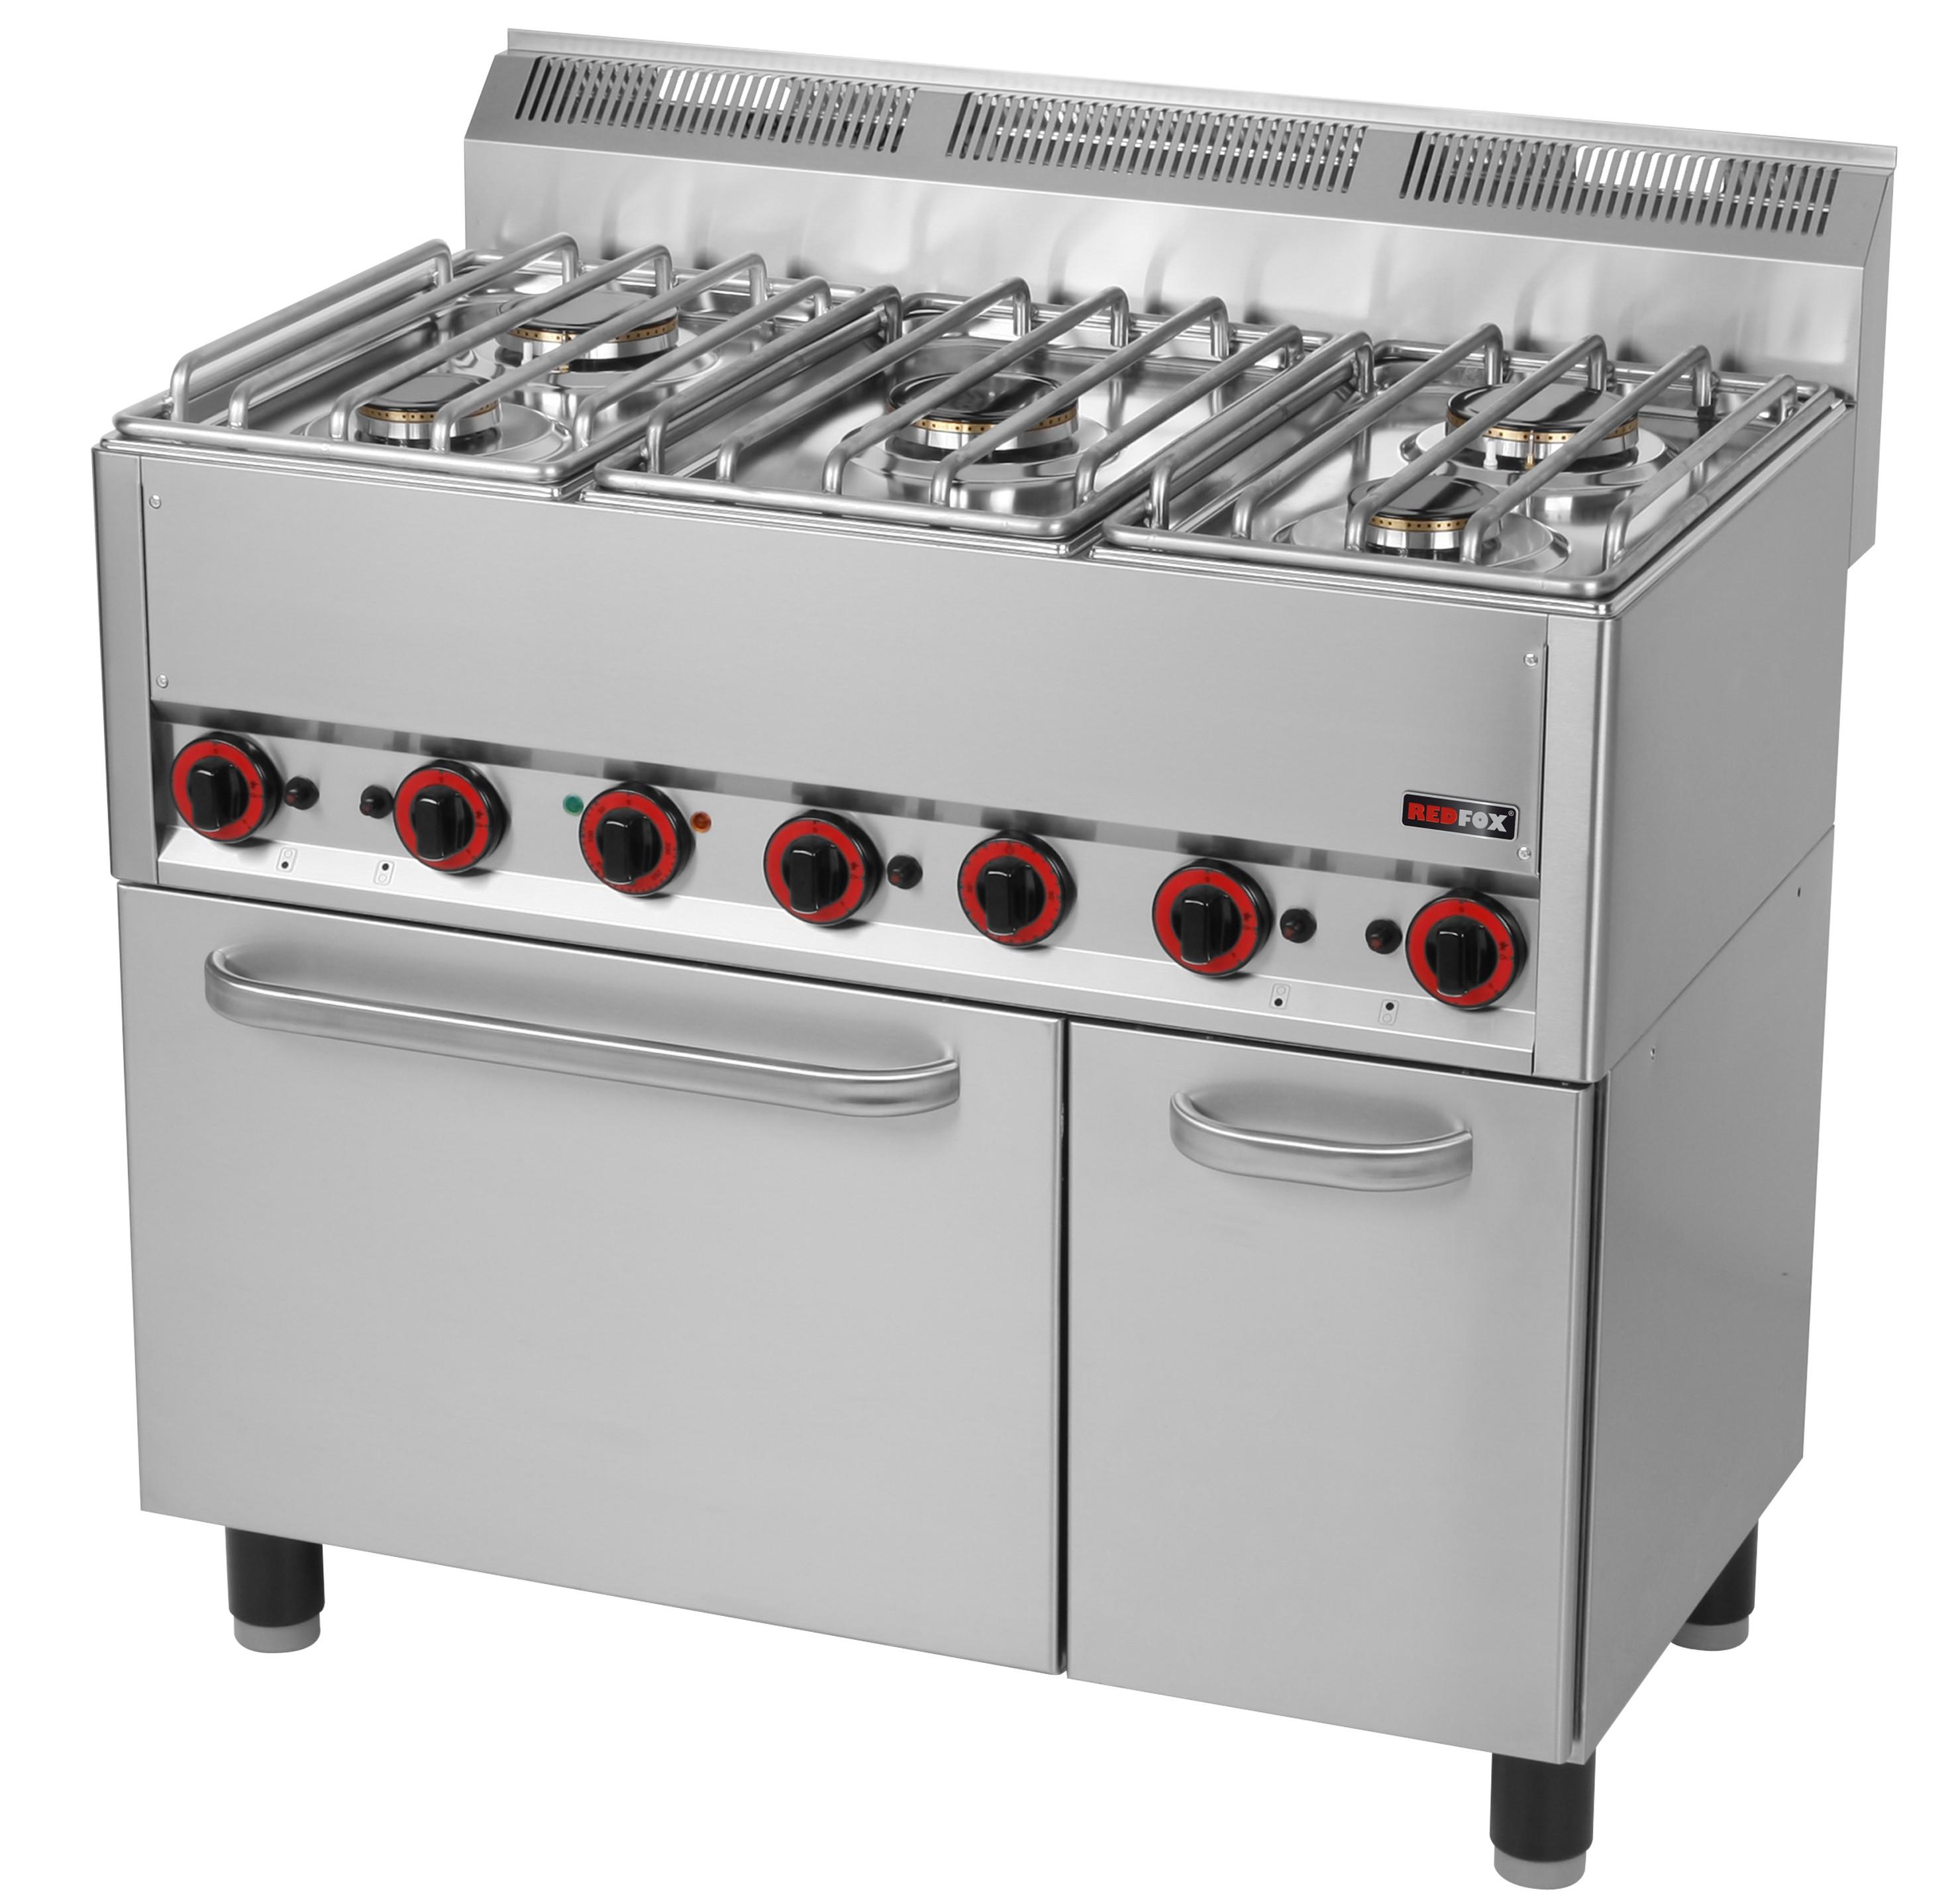 Redfox Kuchnia Gazowa Z Piekarnikiem Elektrycznym Spt 905 Gl 00000540 Gastr